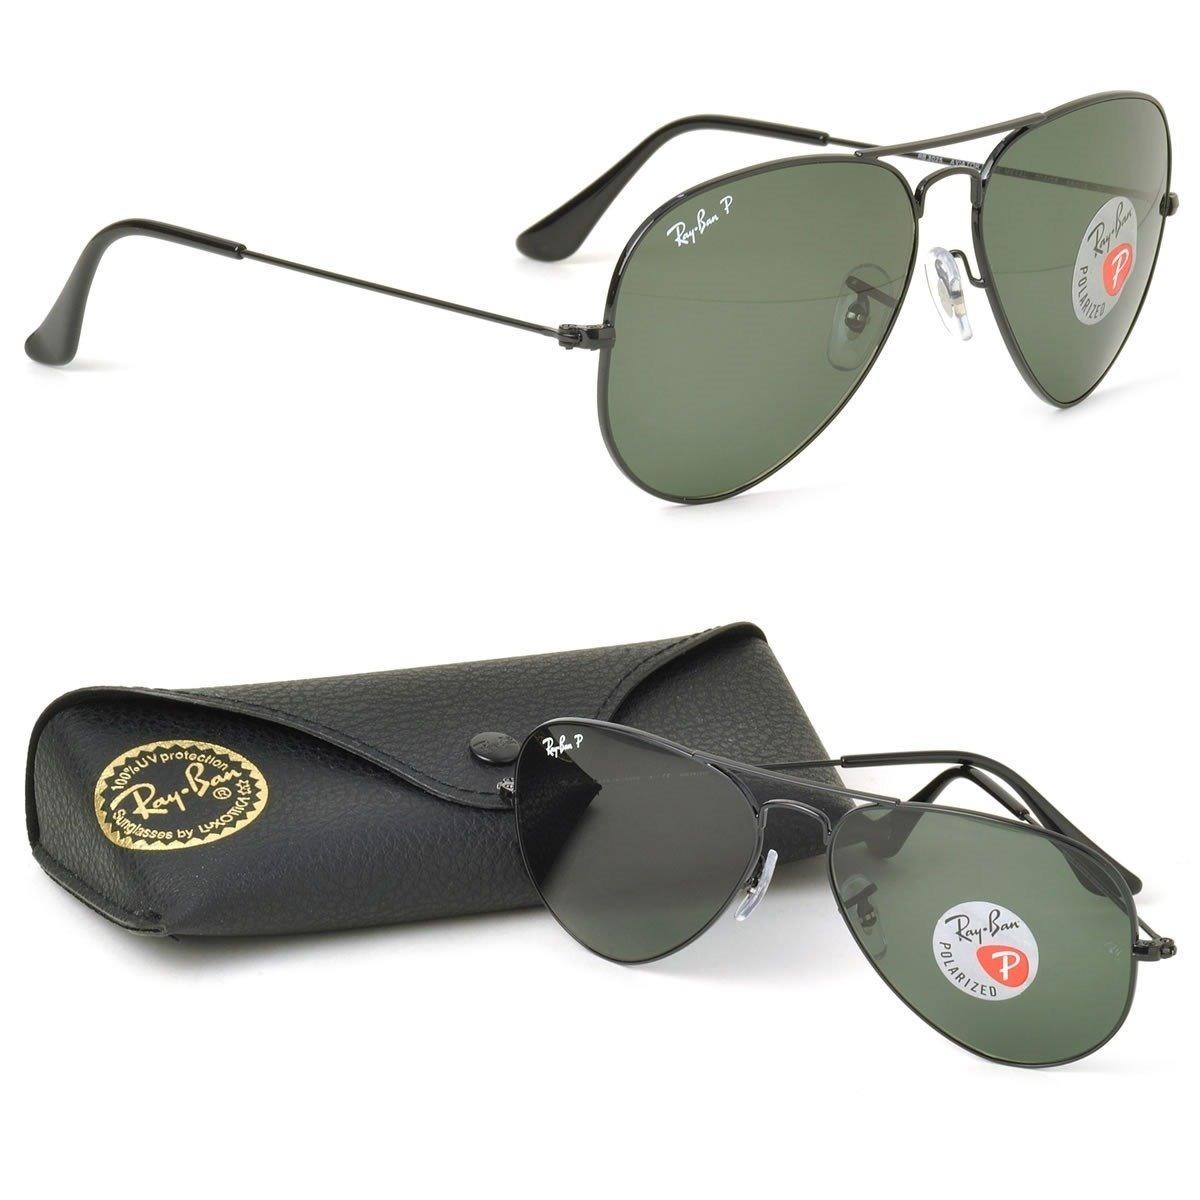 ee96943c26883 Óculos De Sol Aviador Preto Lente Cristal Esmeralda - R  119